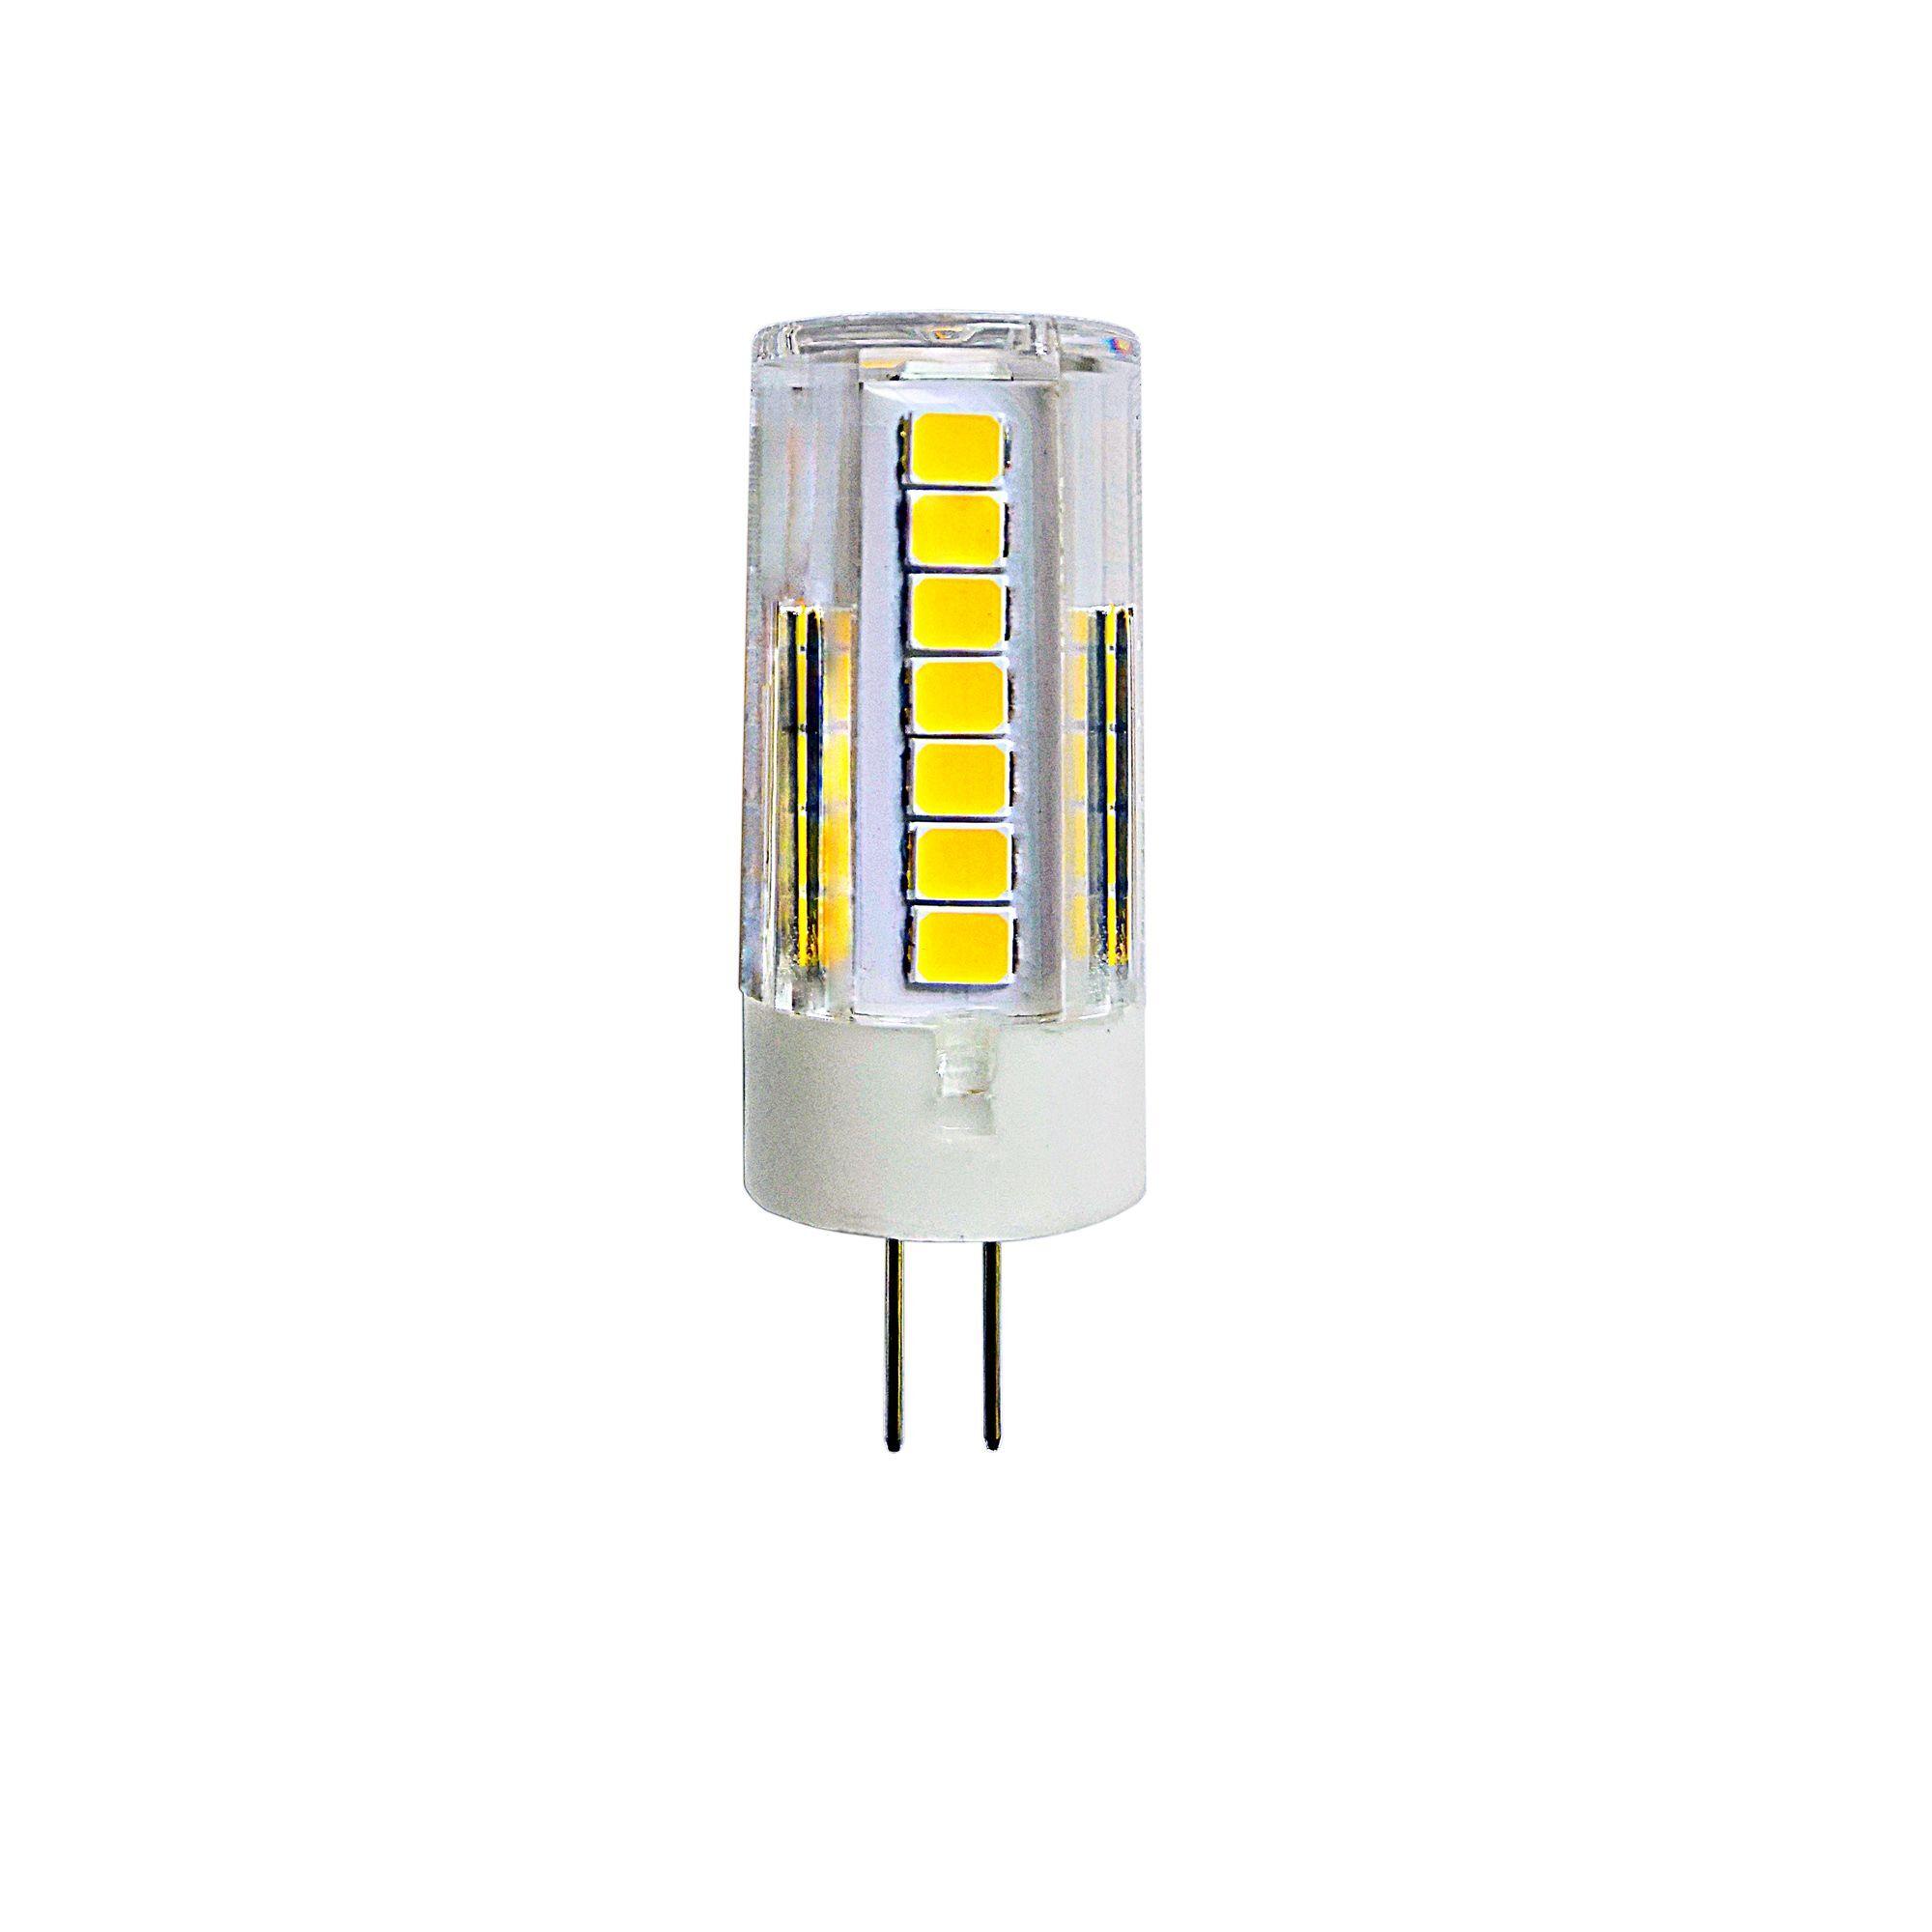 Лампа светодиодная G4 5 Вт капсула прозрачная 425 лм белый свет